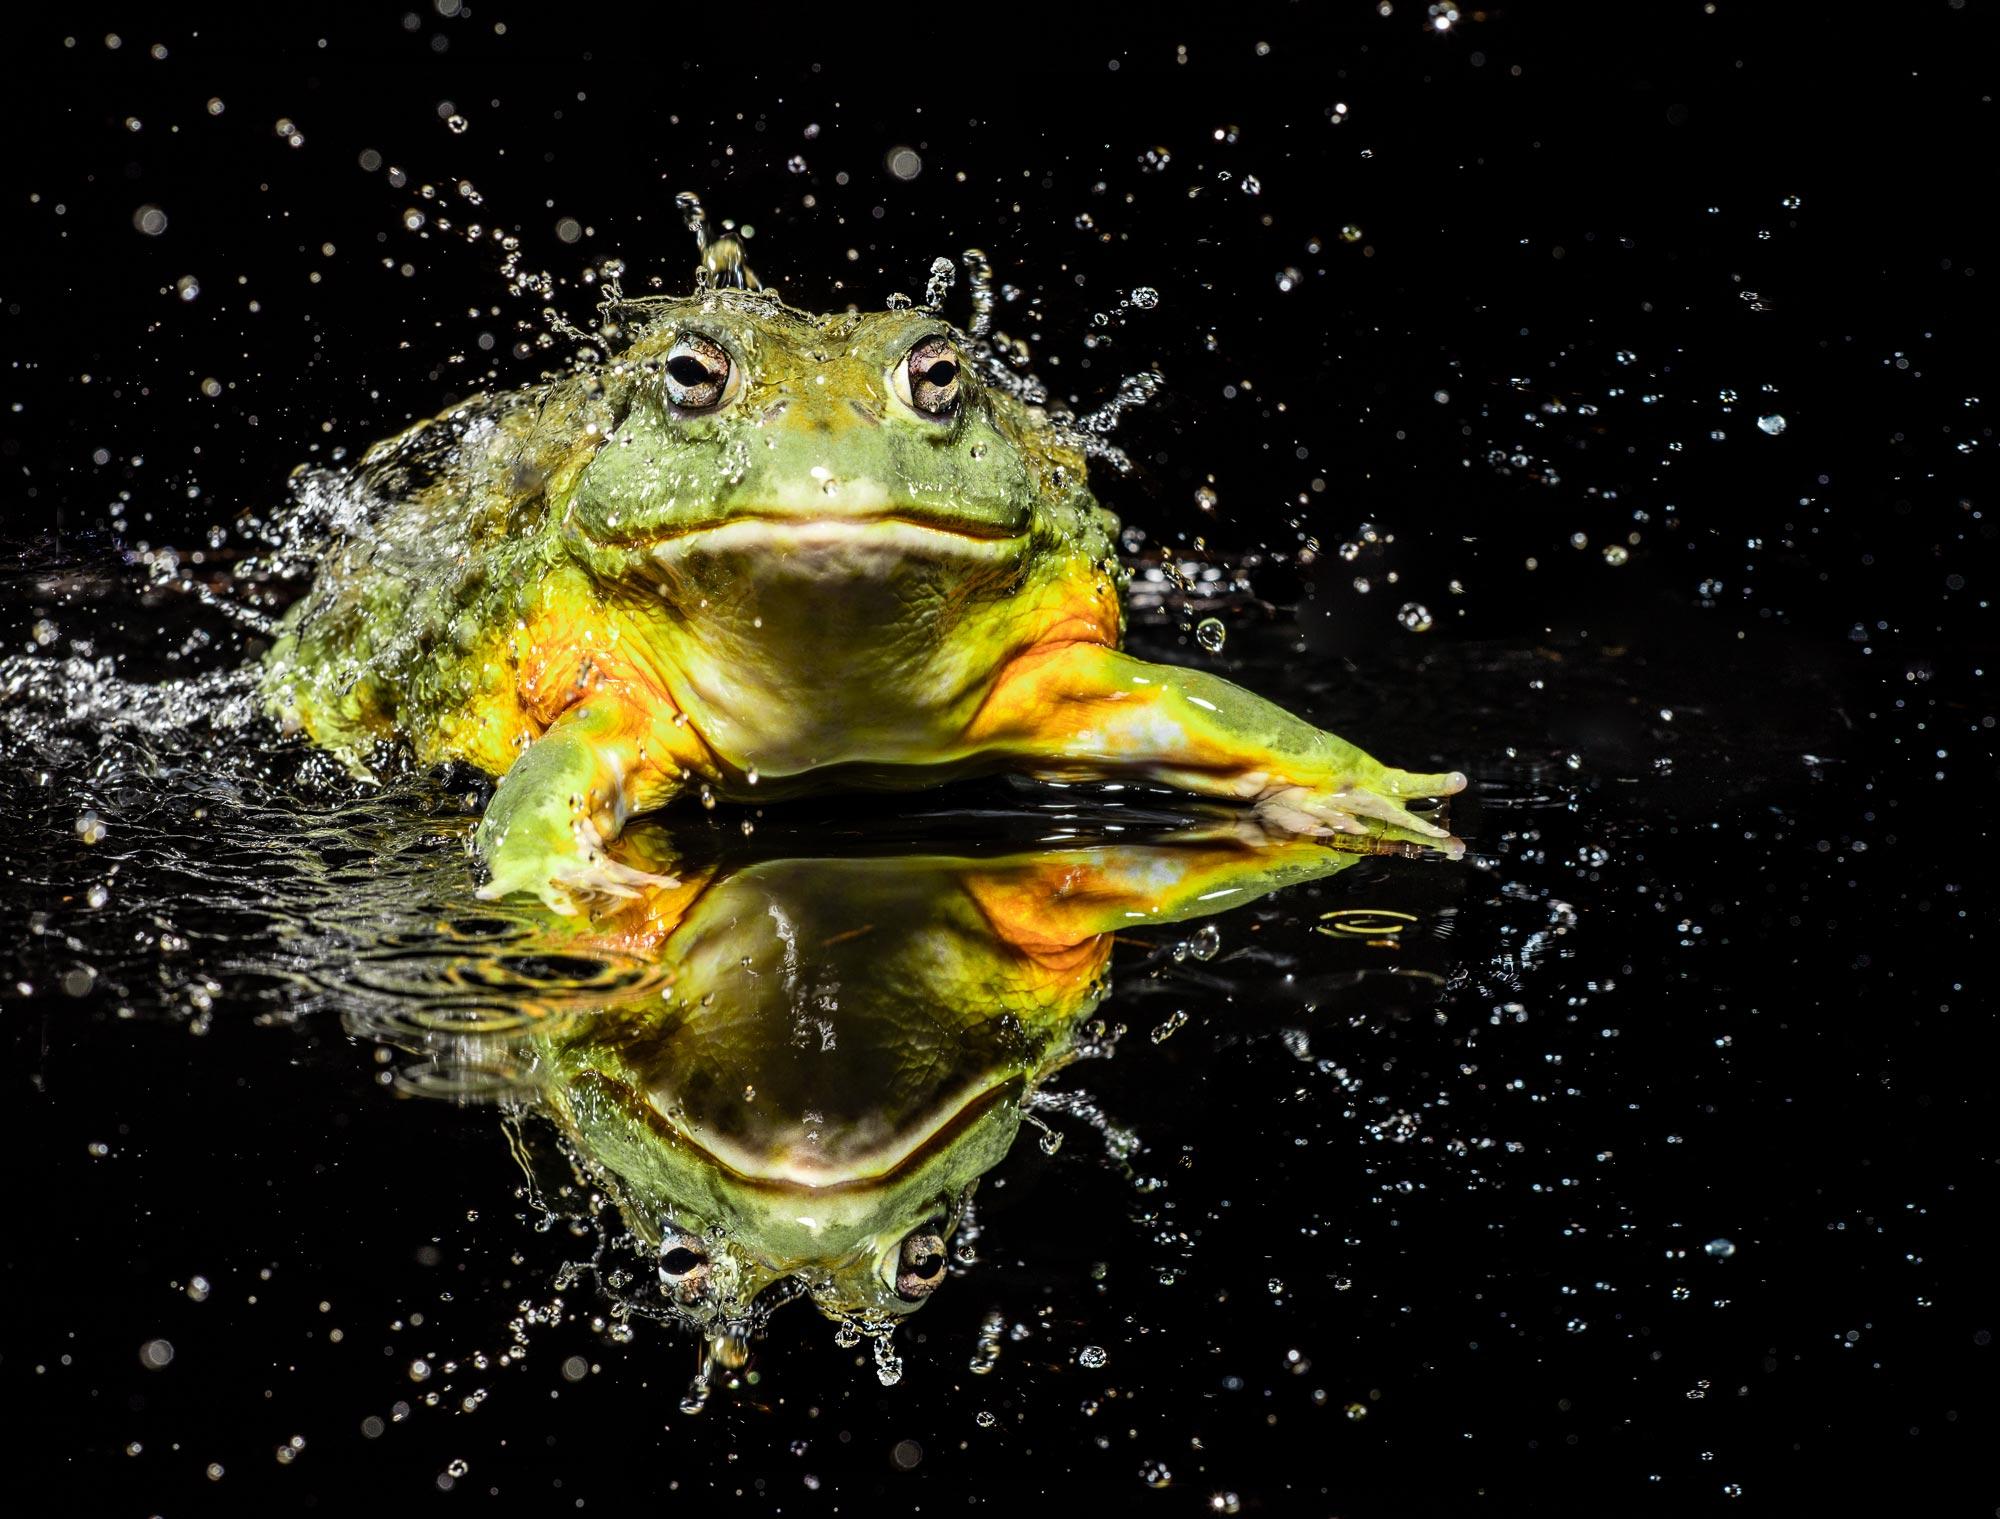 Tim Platt - splashing Toad